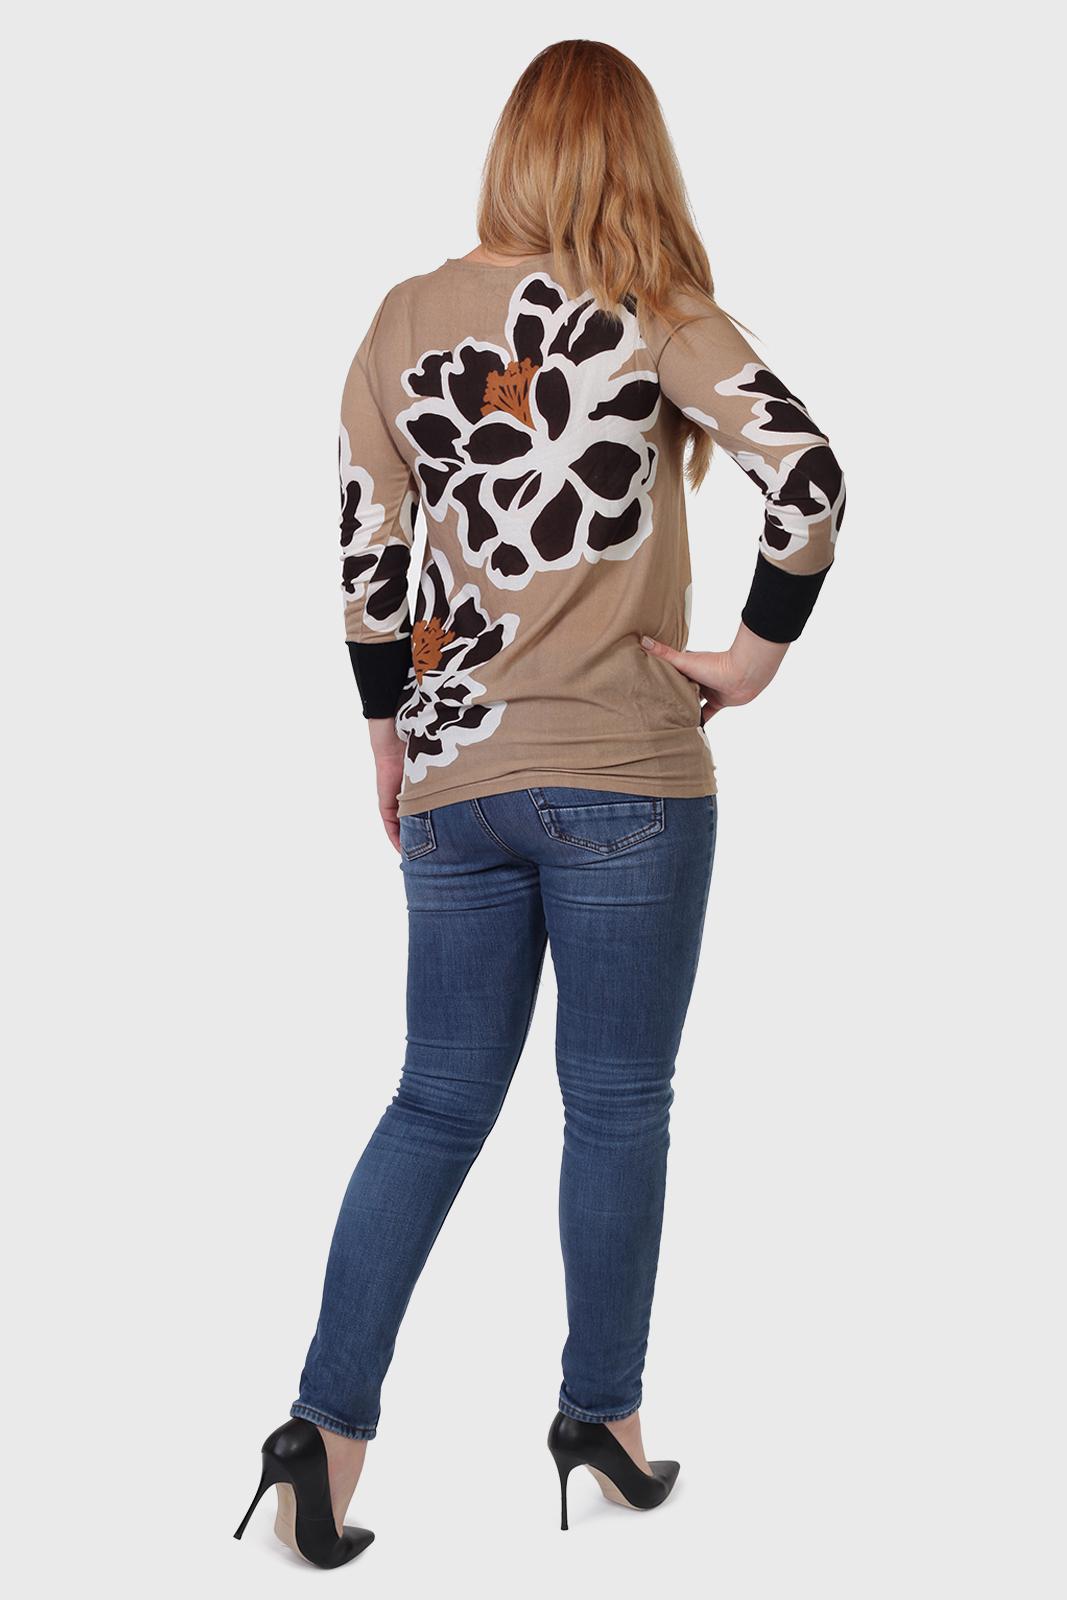 Купить в интернет магазине модную трикотажную женскую кофту